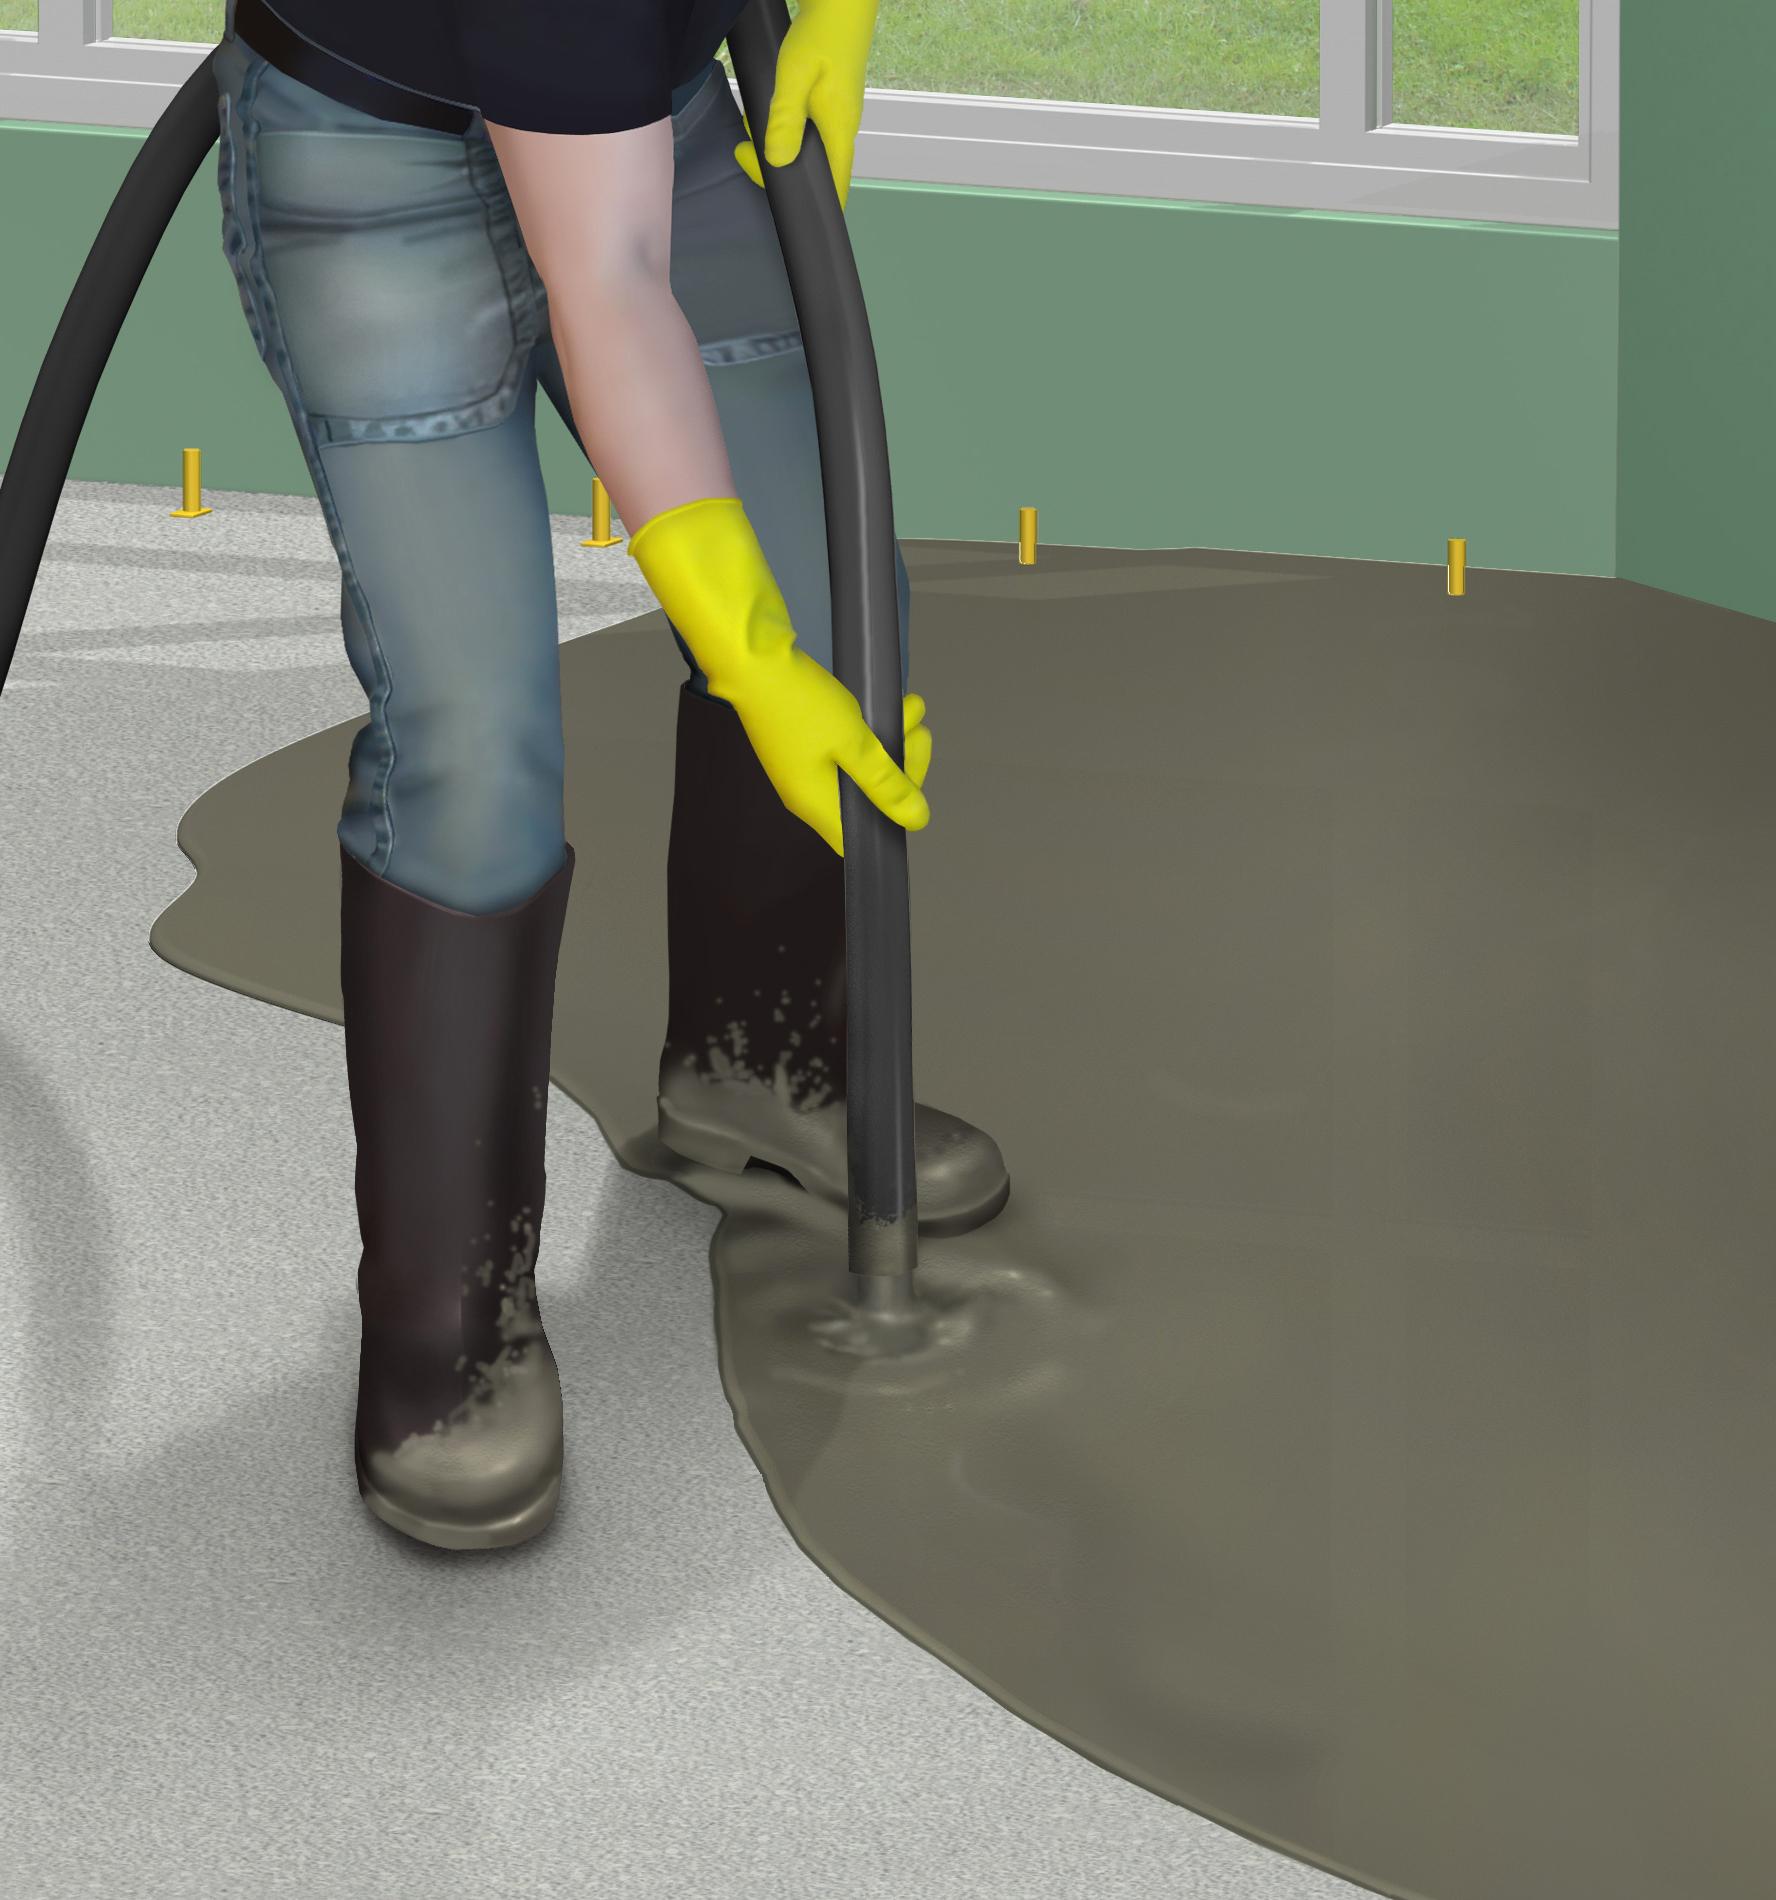 Mortar epoxidic cimentos pentru sape autonivelante - Aplicare SIKA - Poza 1